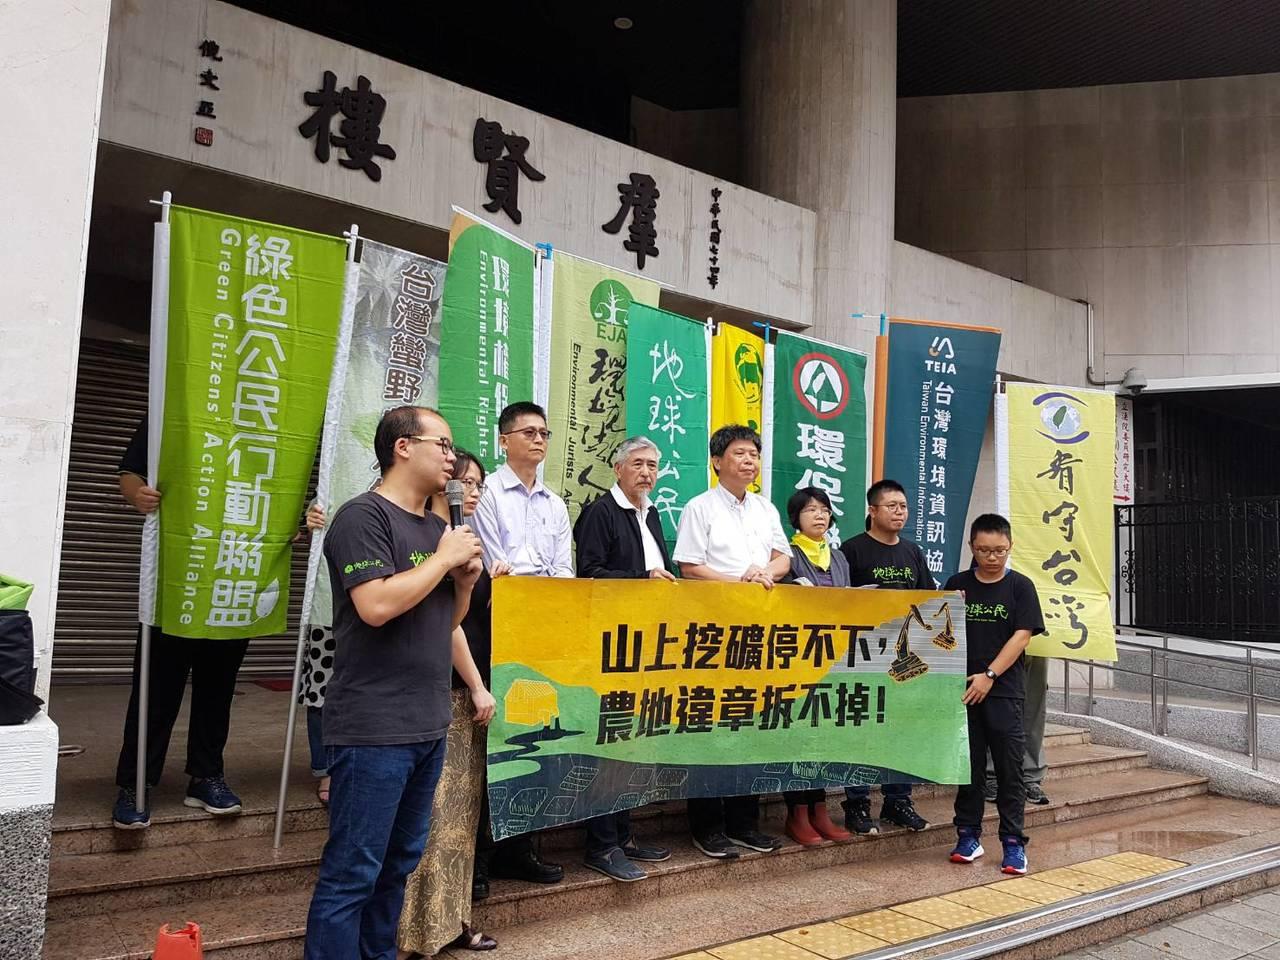 立法院下週將進行第七會期第一次臨時會,公民團體呼籲,過去標榜環境保護起家的民進黨...